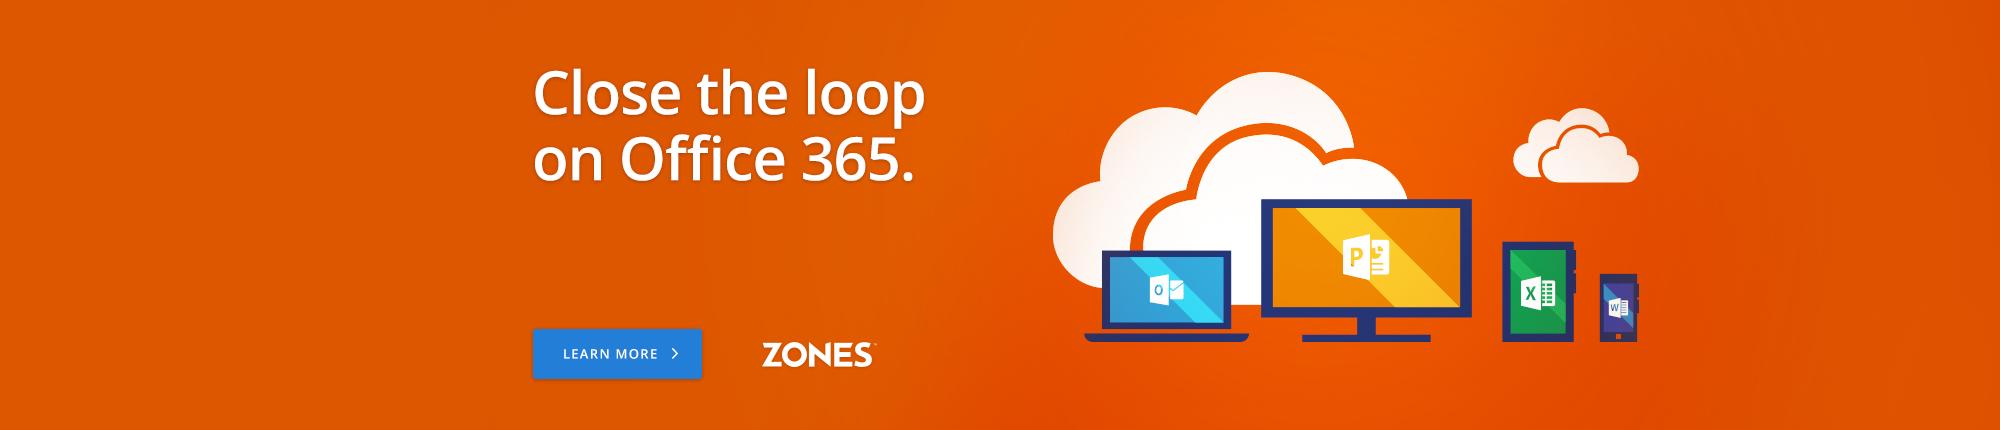 Zones Office 365 Complete